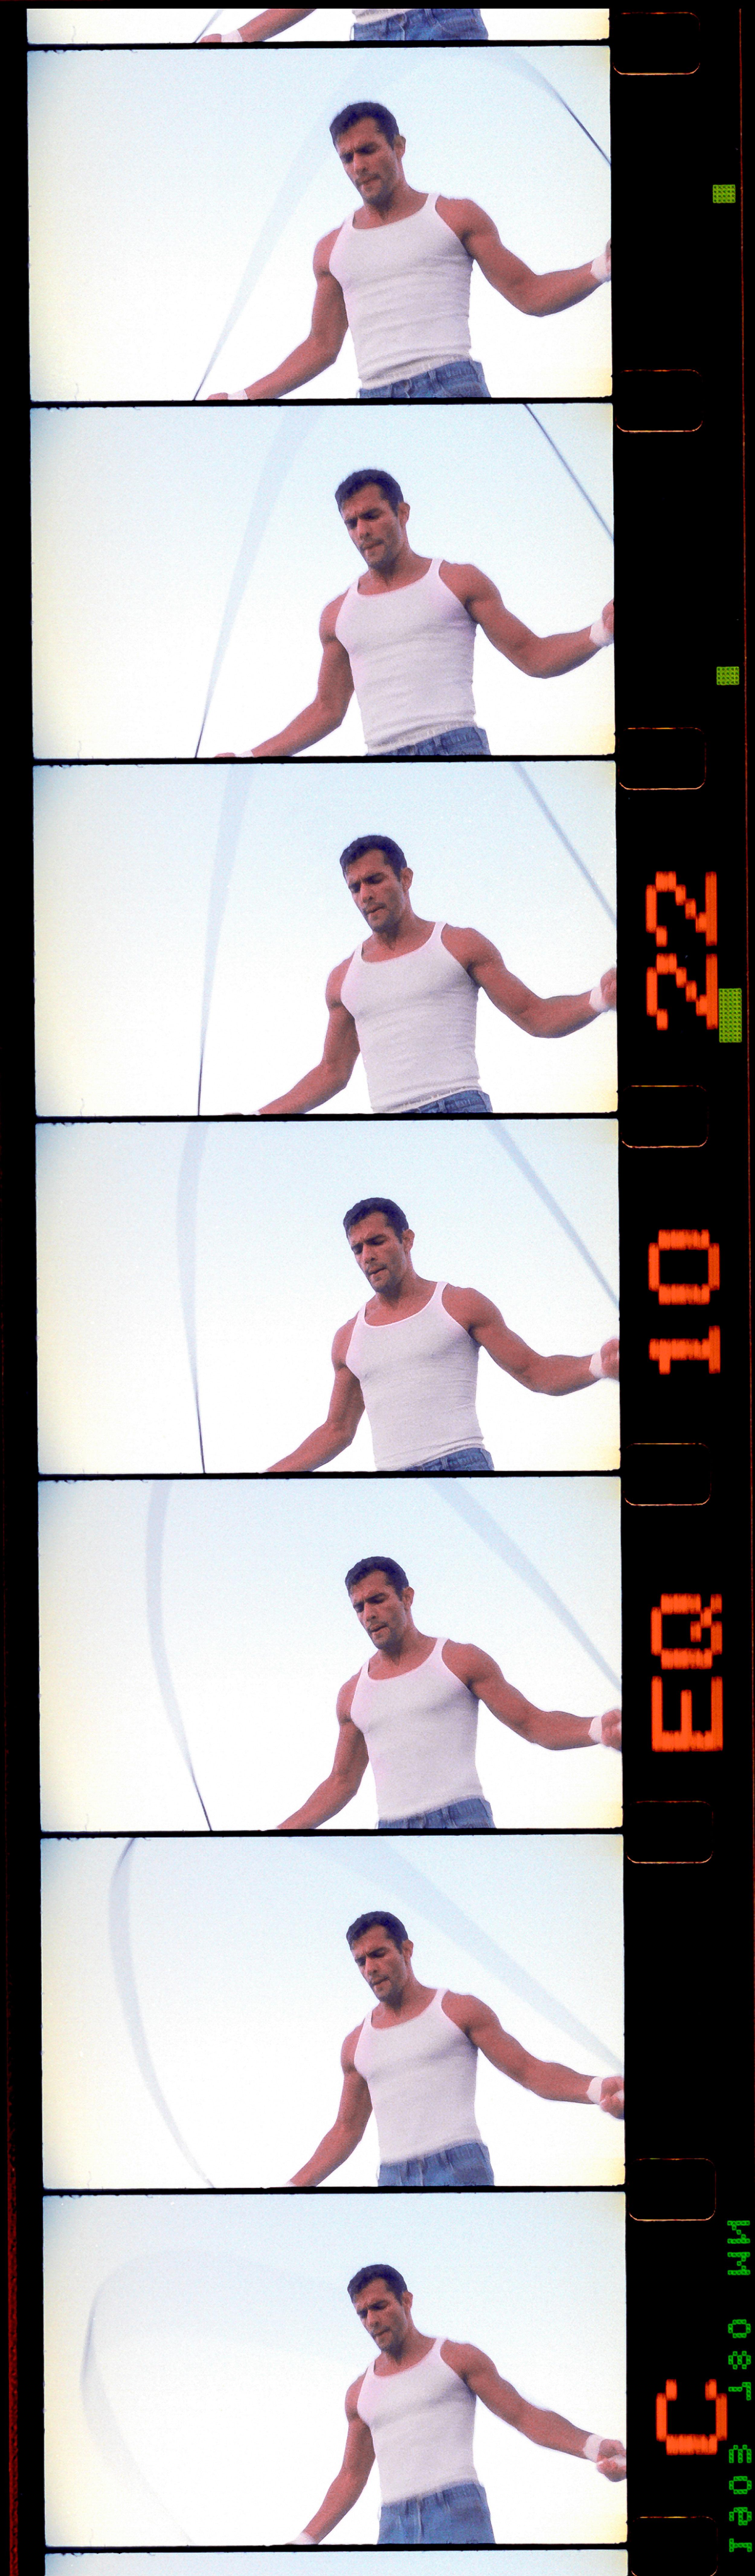 16mm-polo-jump-rope-good-a-copy.jpg